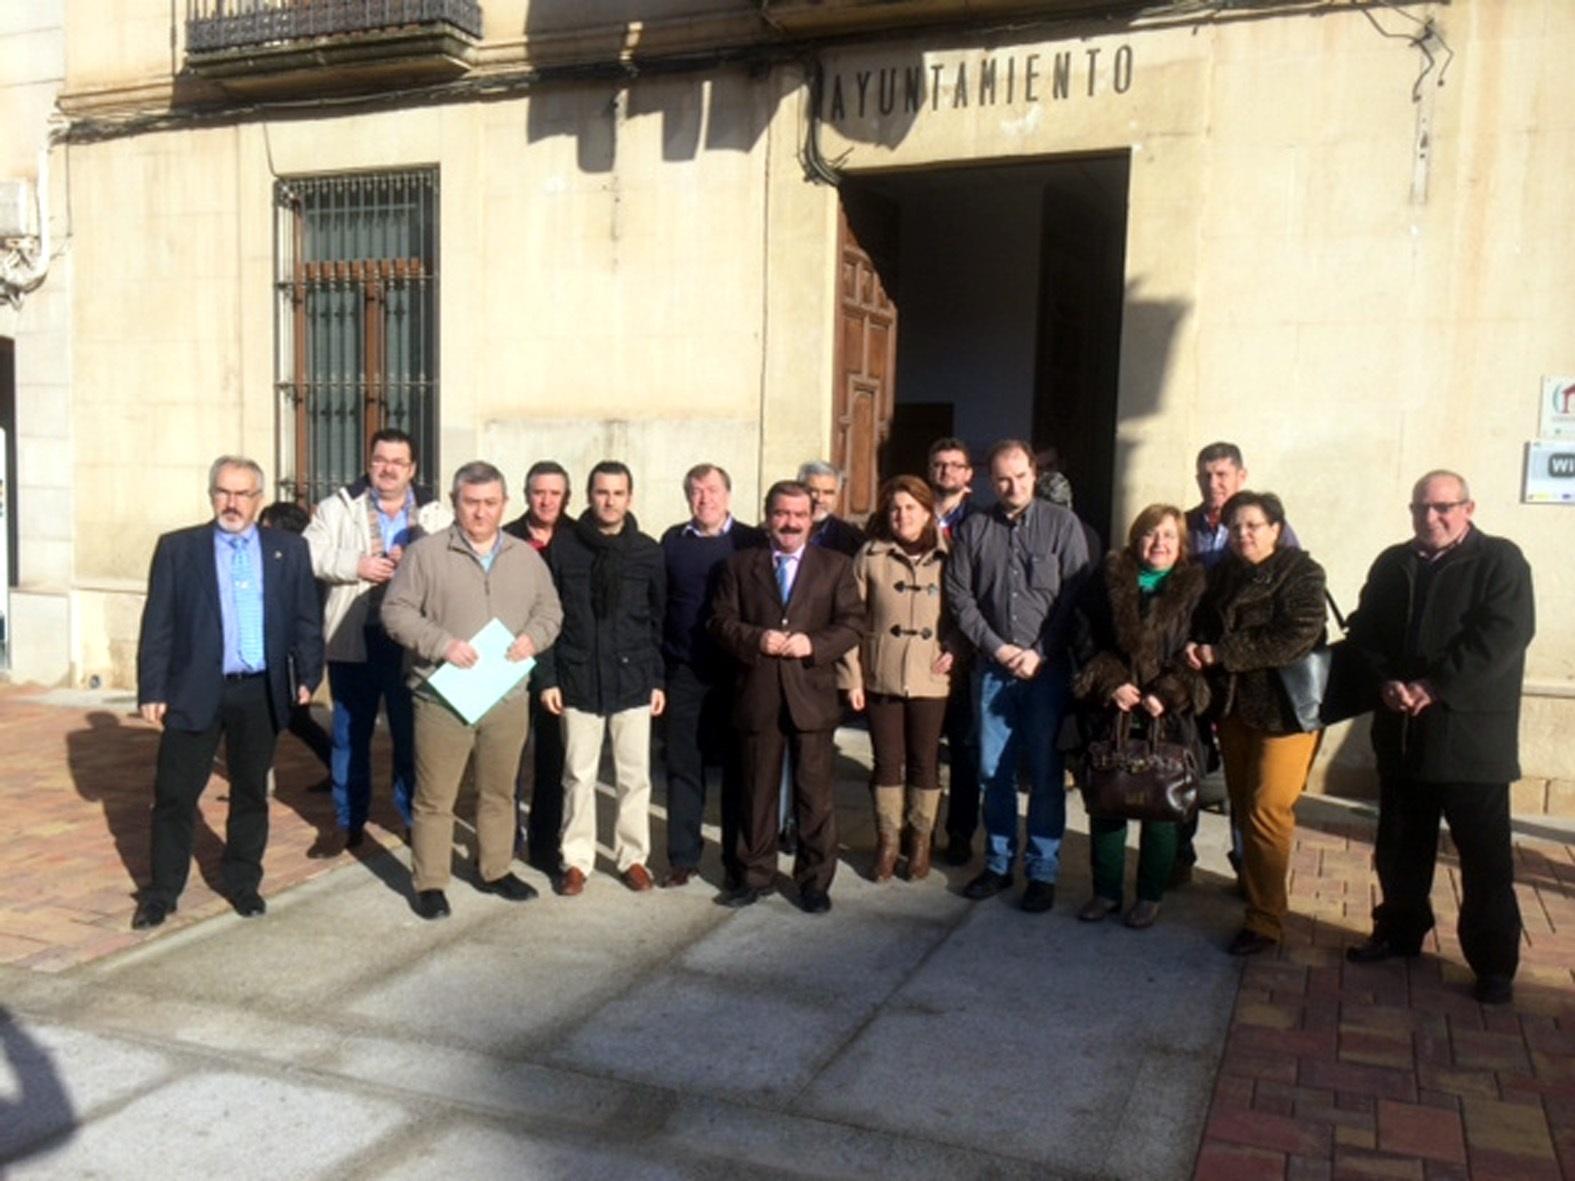 Diputación impulsa la implantación de una normativa urbanística homogénea en Las Villas y la Sierra de Segura